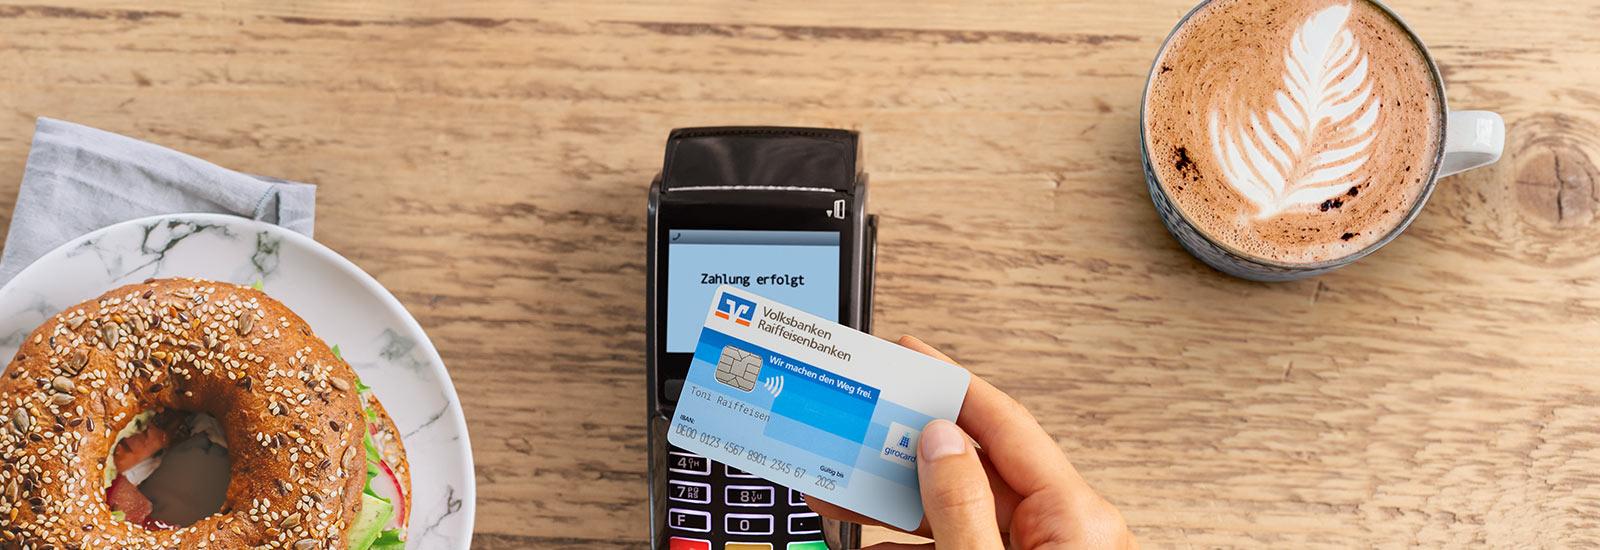 Volksbank ochtrup öffnungszeiten | Kontakt